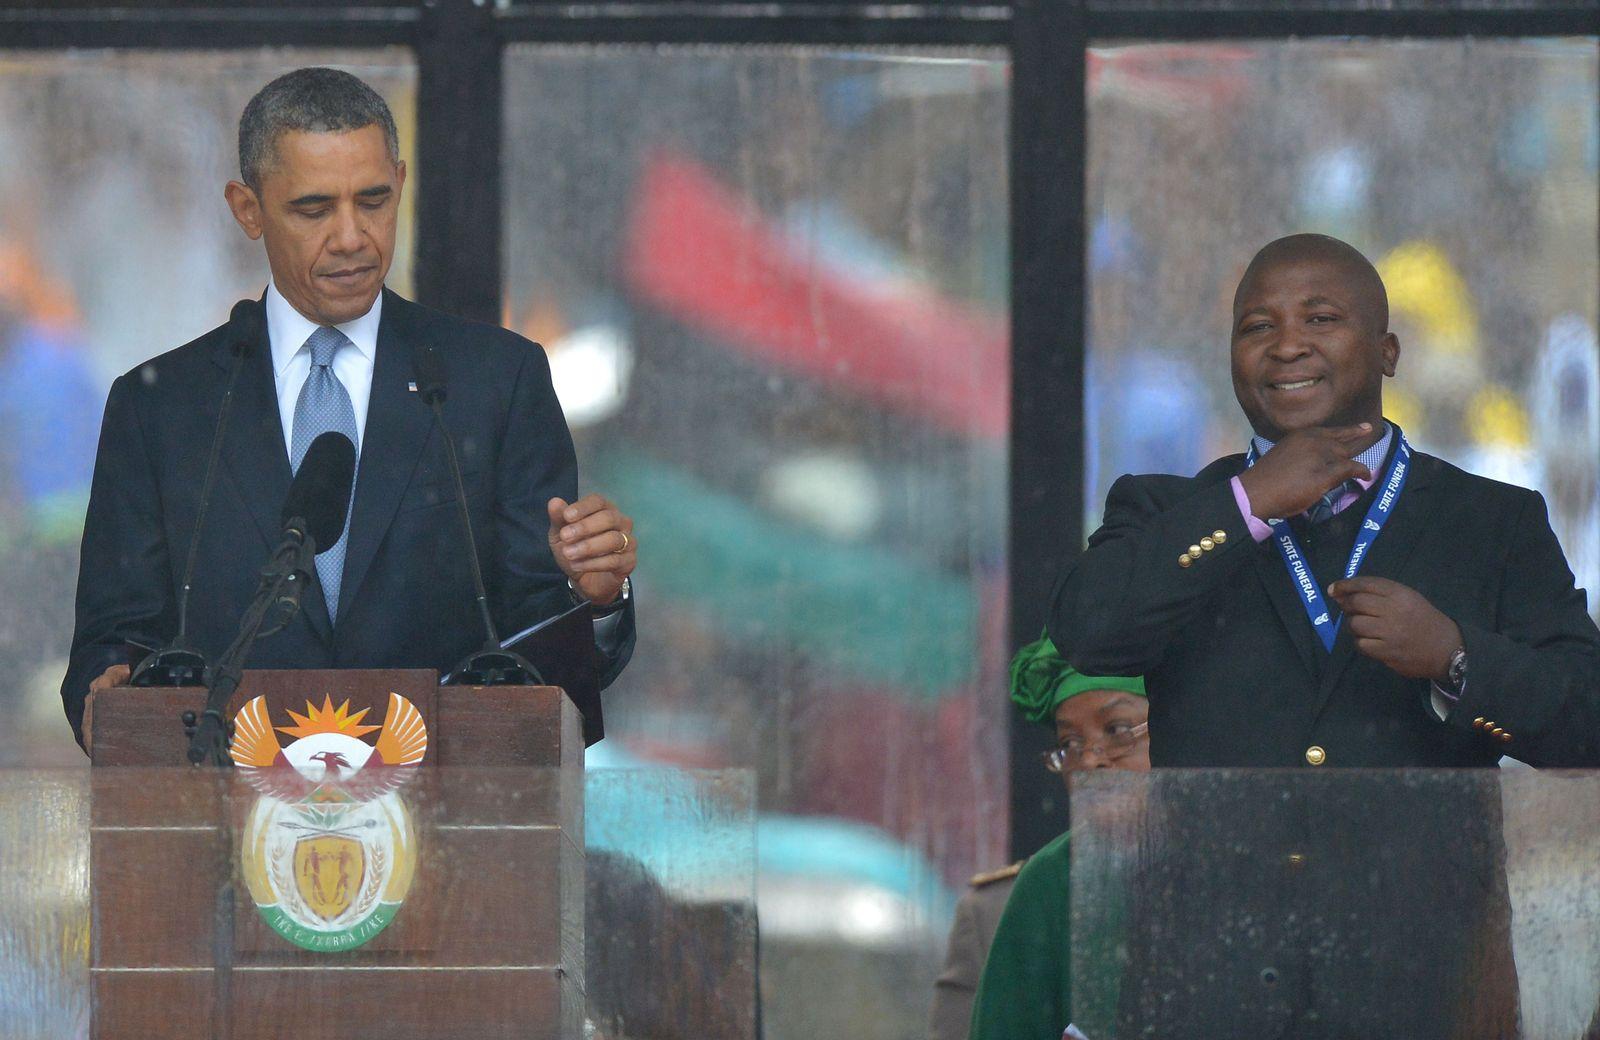 Thamsanqa Jantjie / Obama